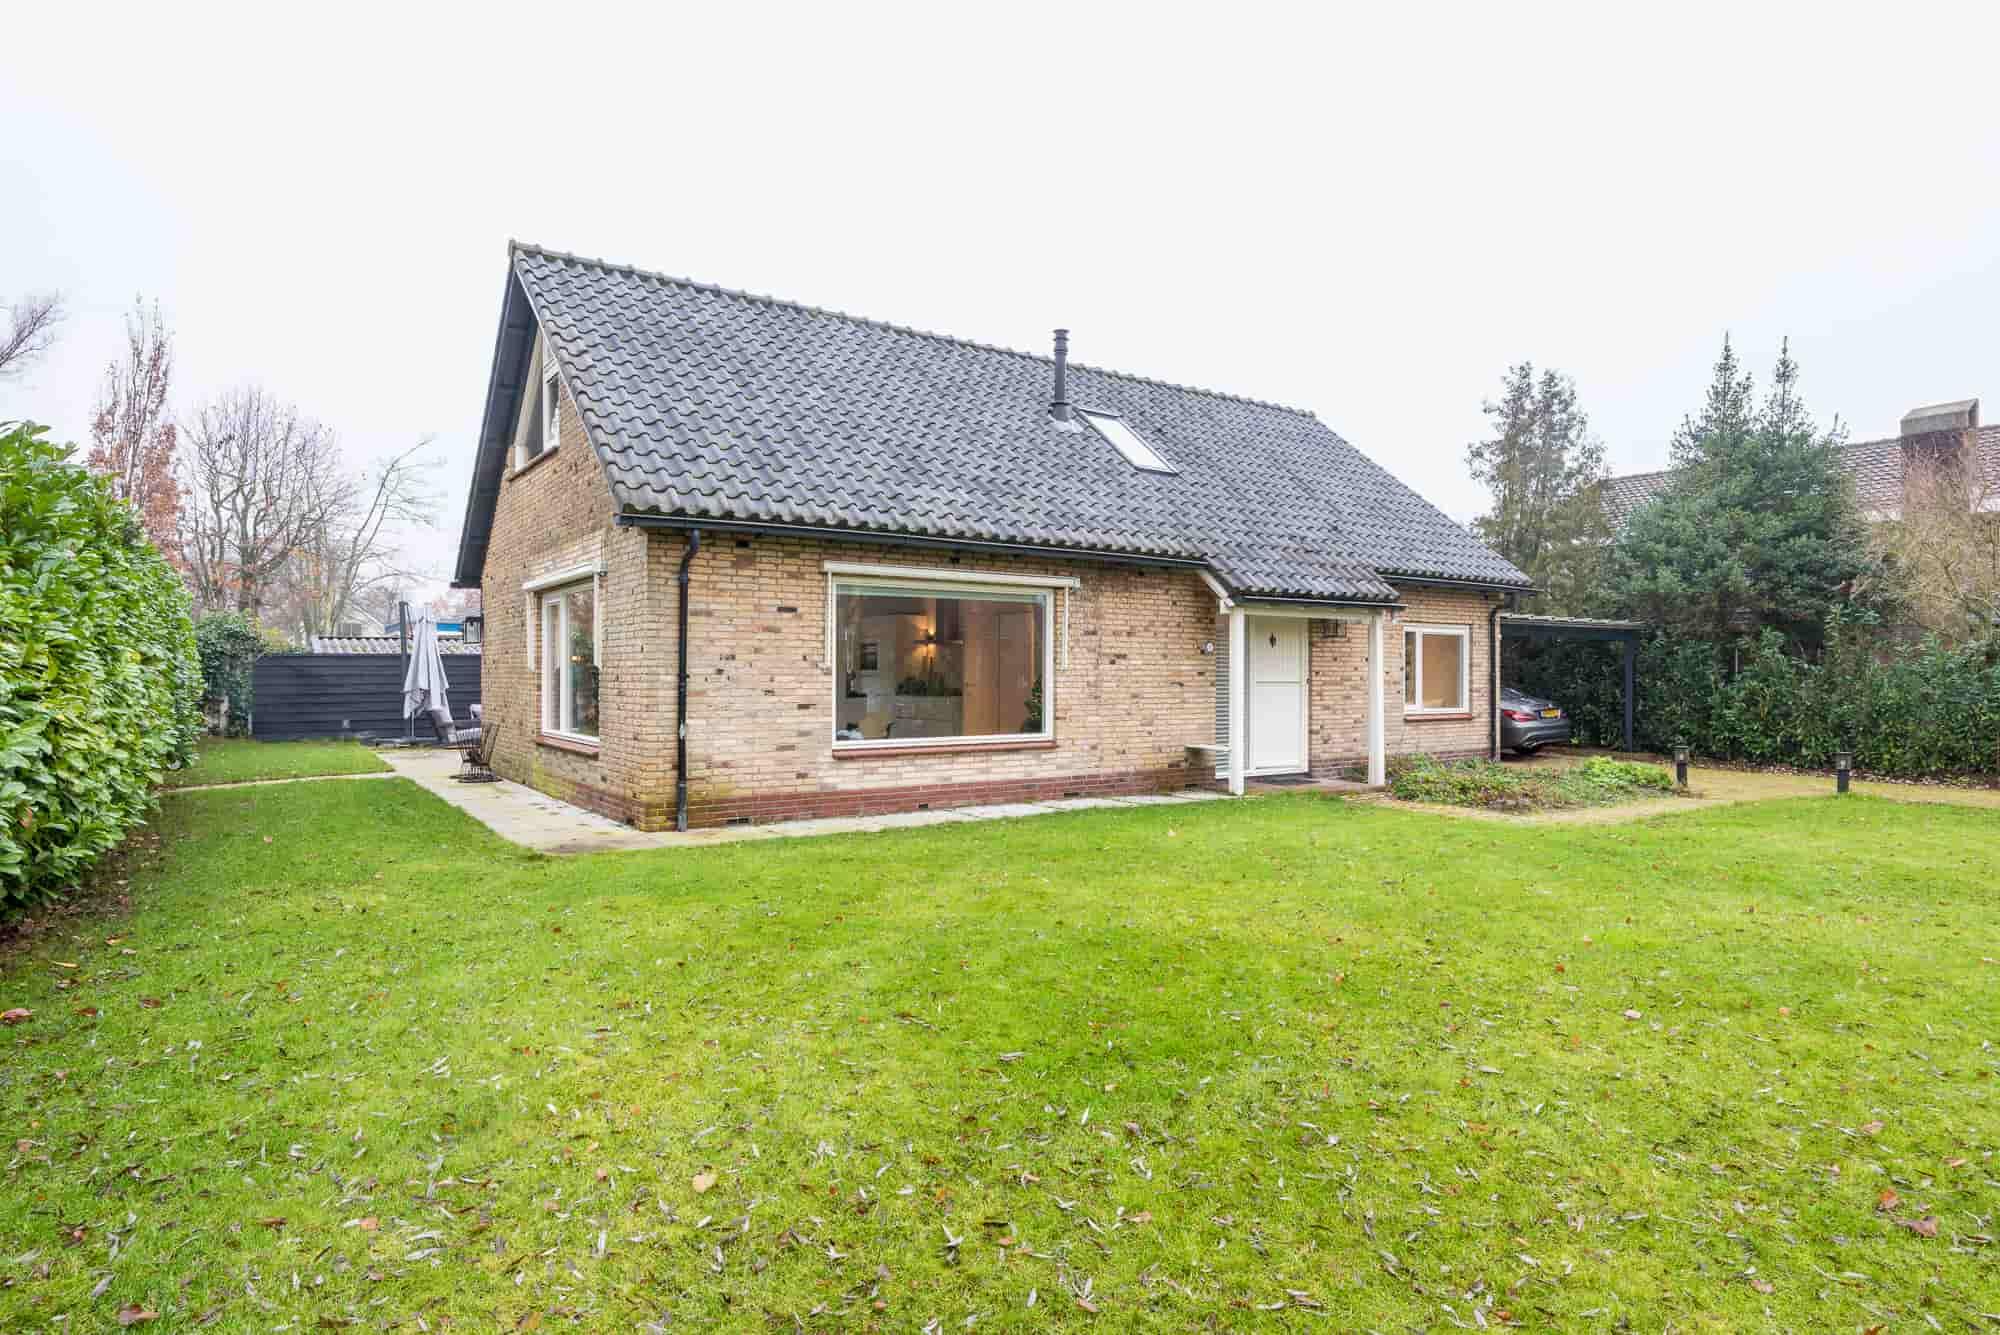 Mooie en recent gerenoveerde villa voor 6 personen in Bergen. Met jacuzzi.